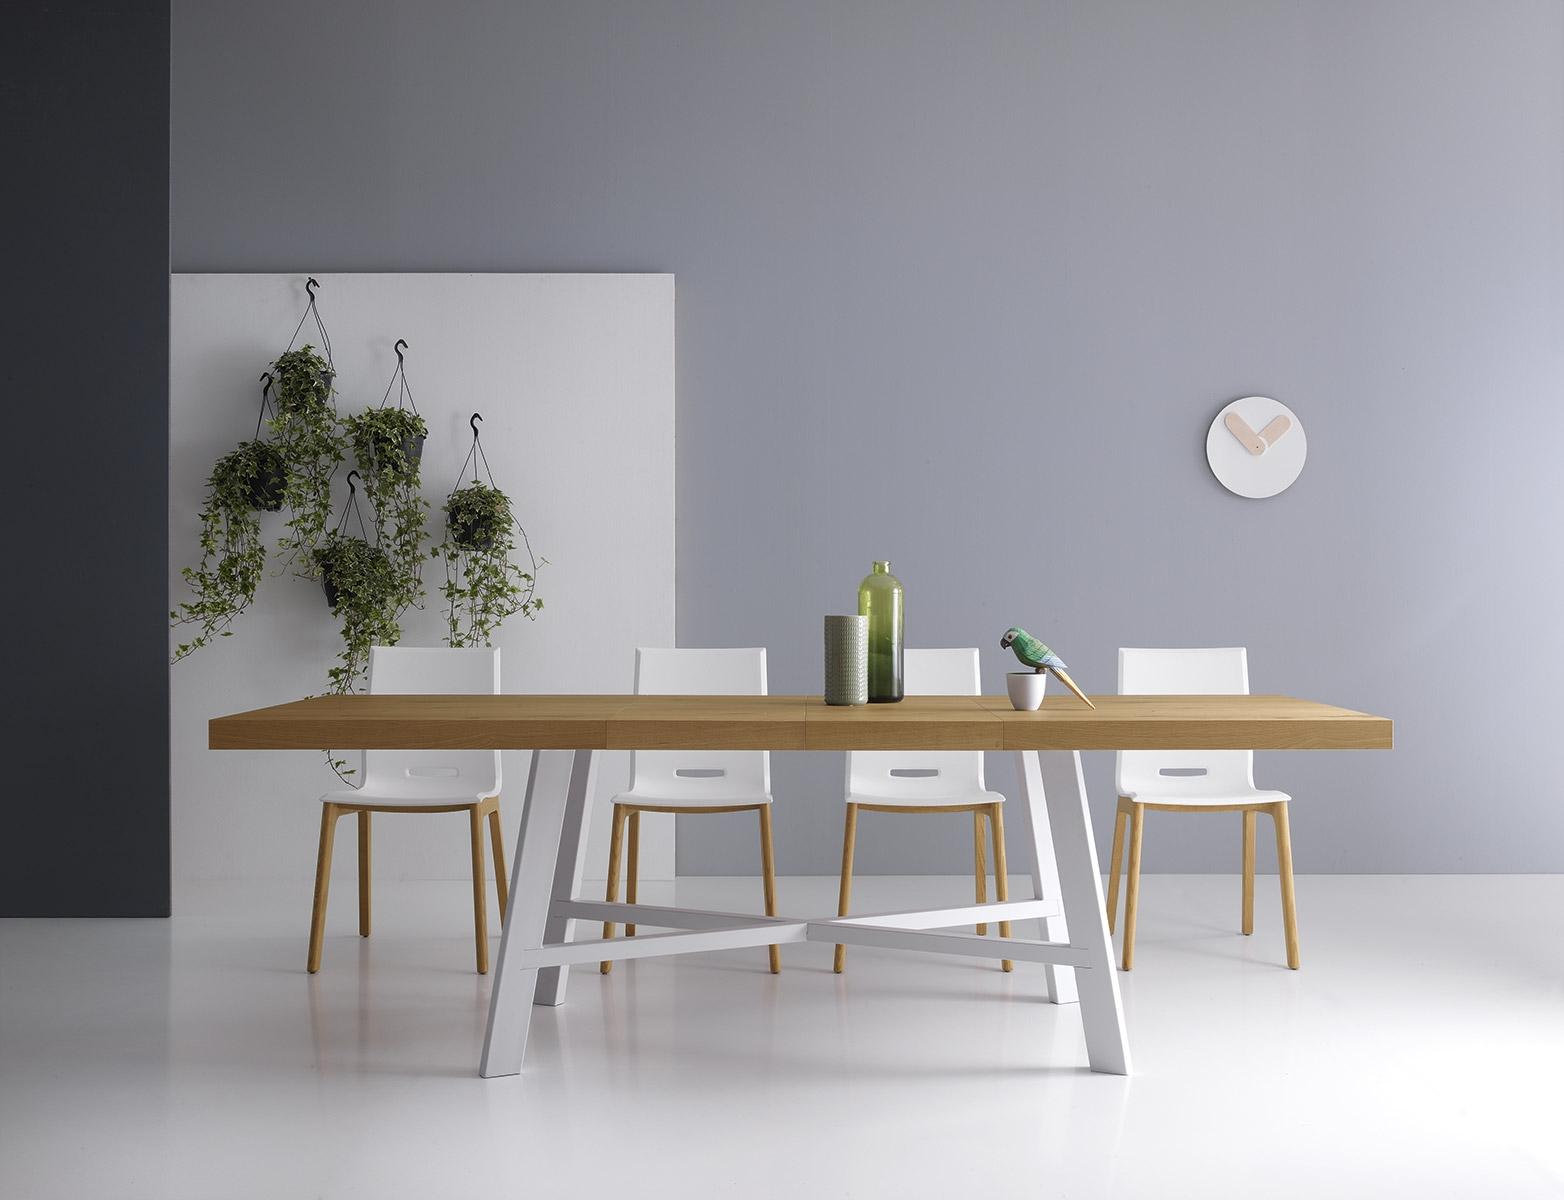 Tavolo point house tavolo in legno rettangolari for Tavoli in legno allungabili